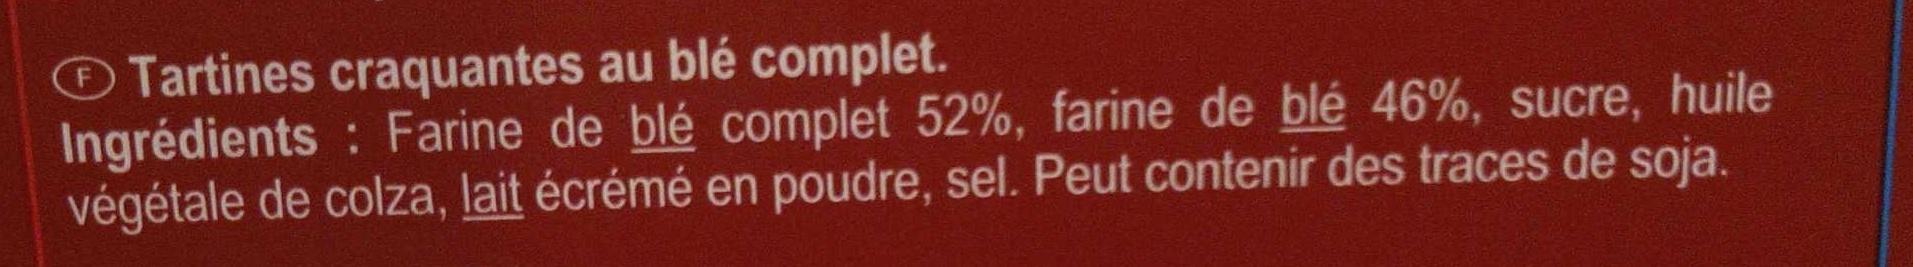 Tartine au blé complet - Ingredients - fr